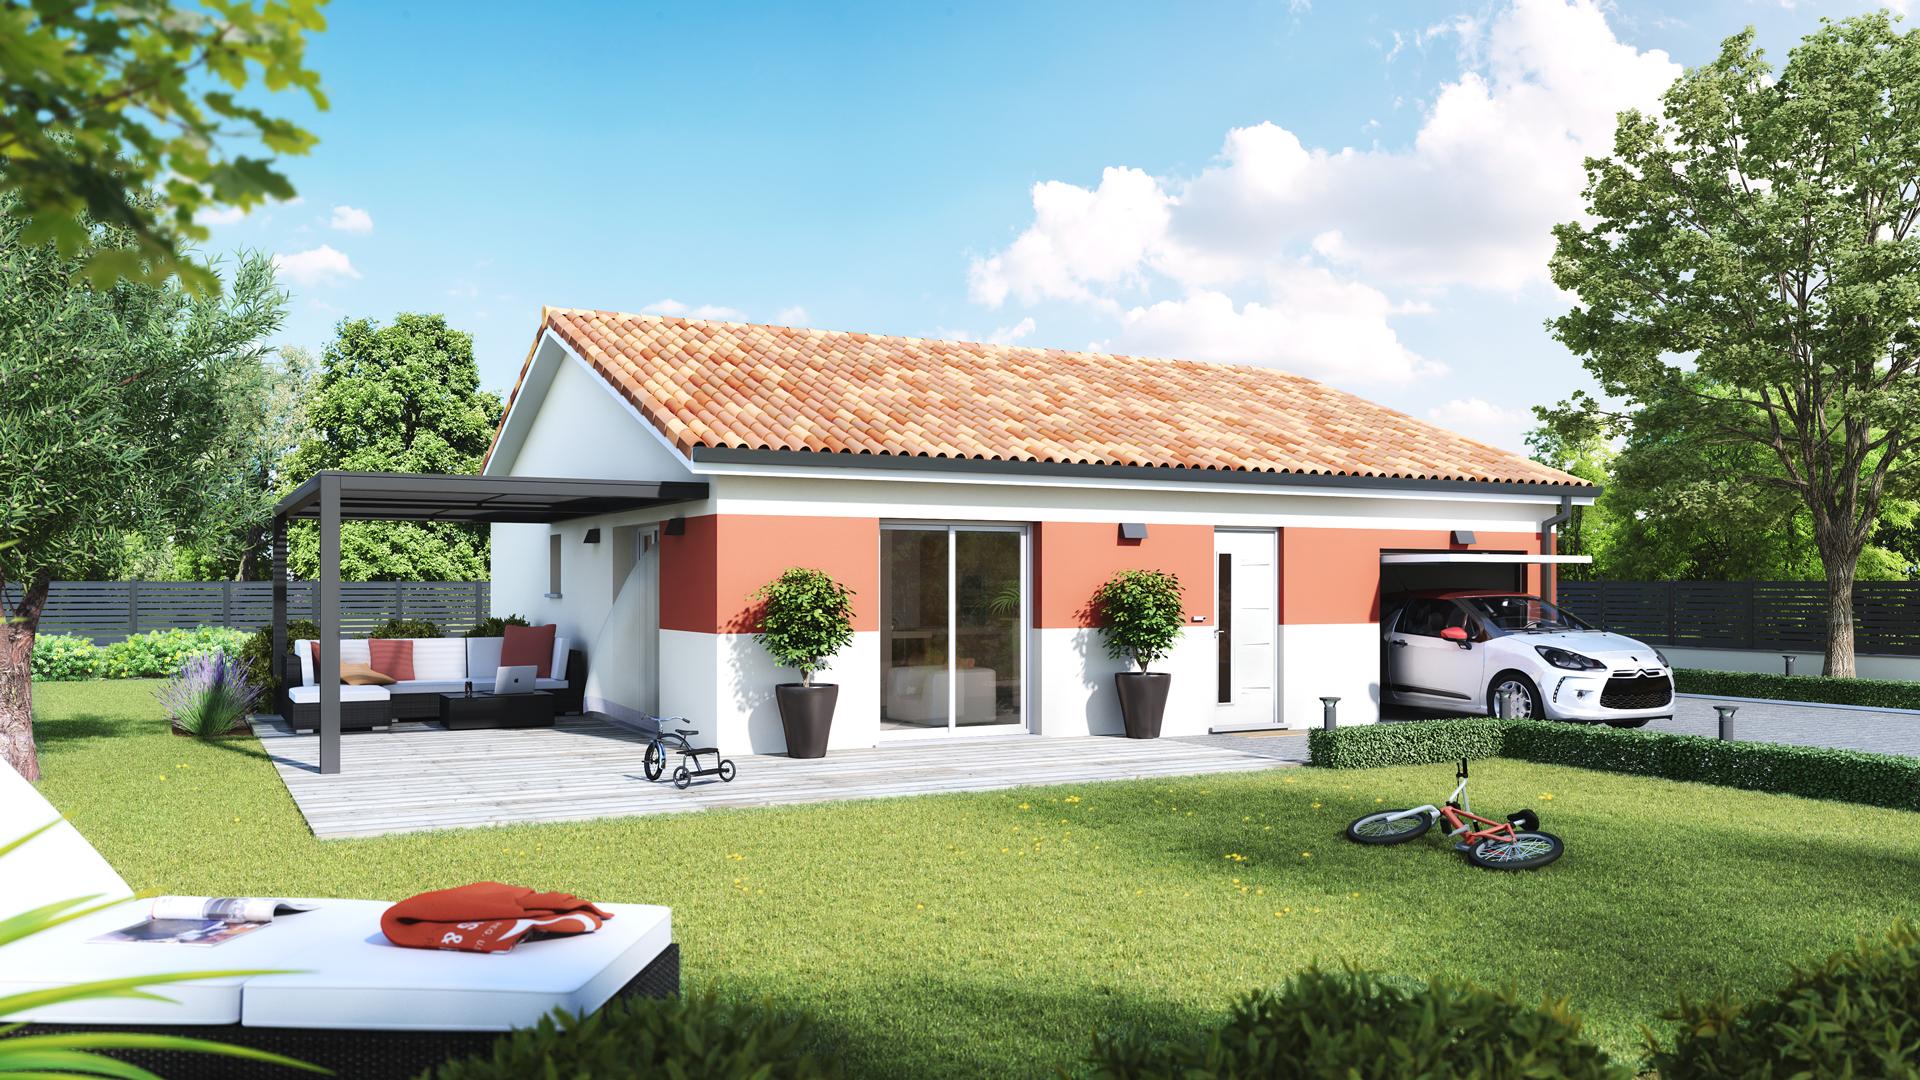 Top duo decines constructeur immobilier d cines charpieu for Constructeur immobilier